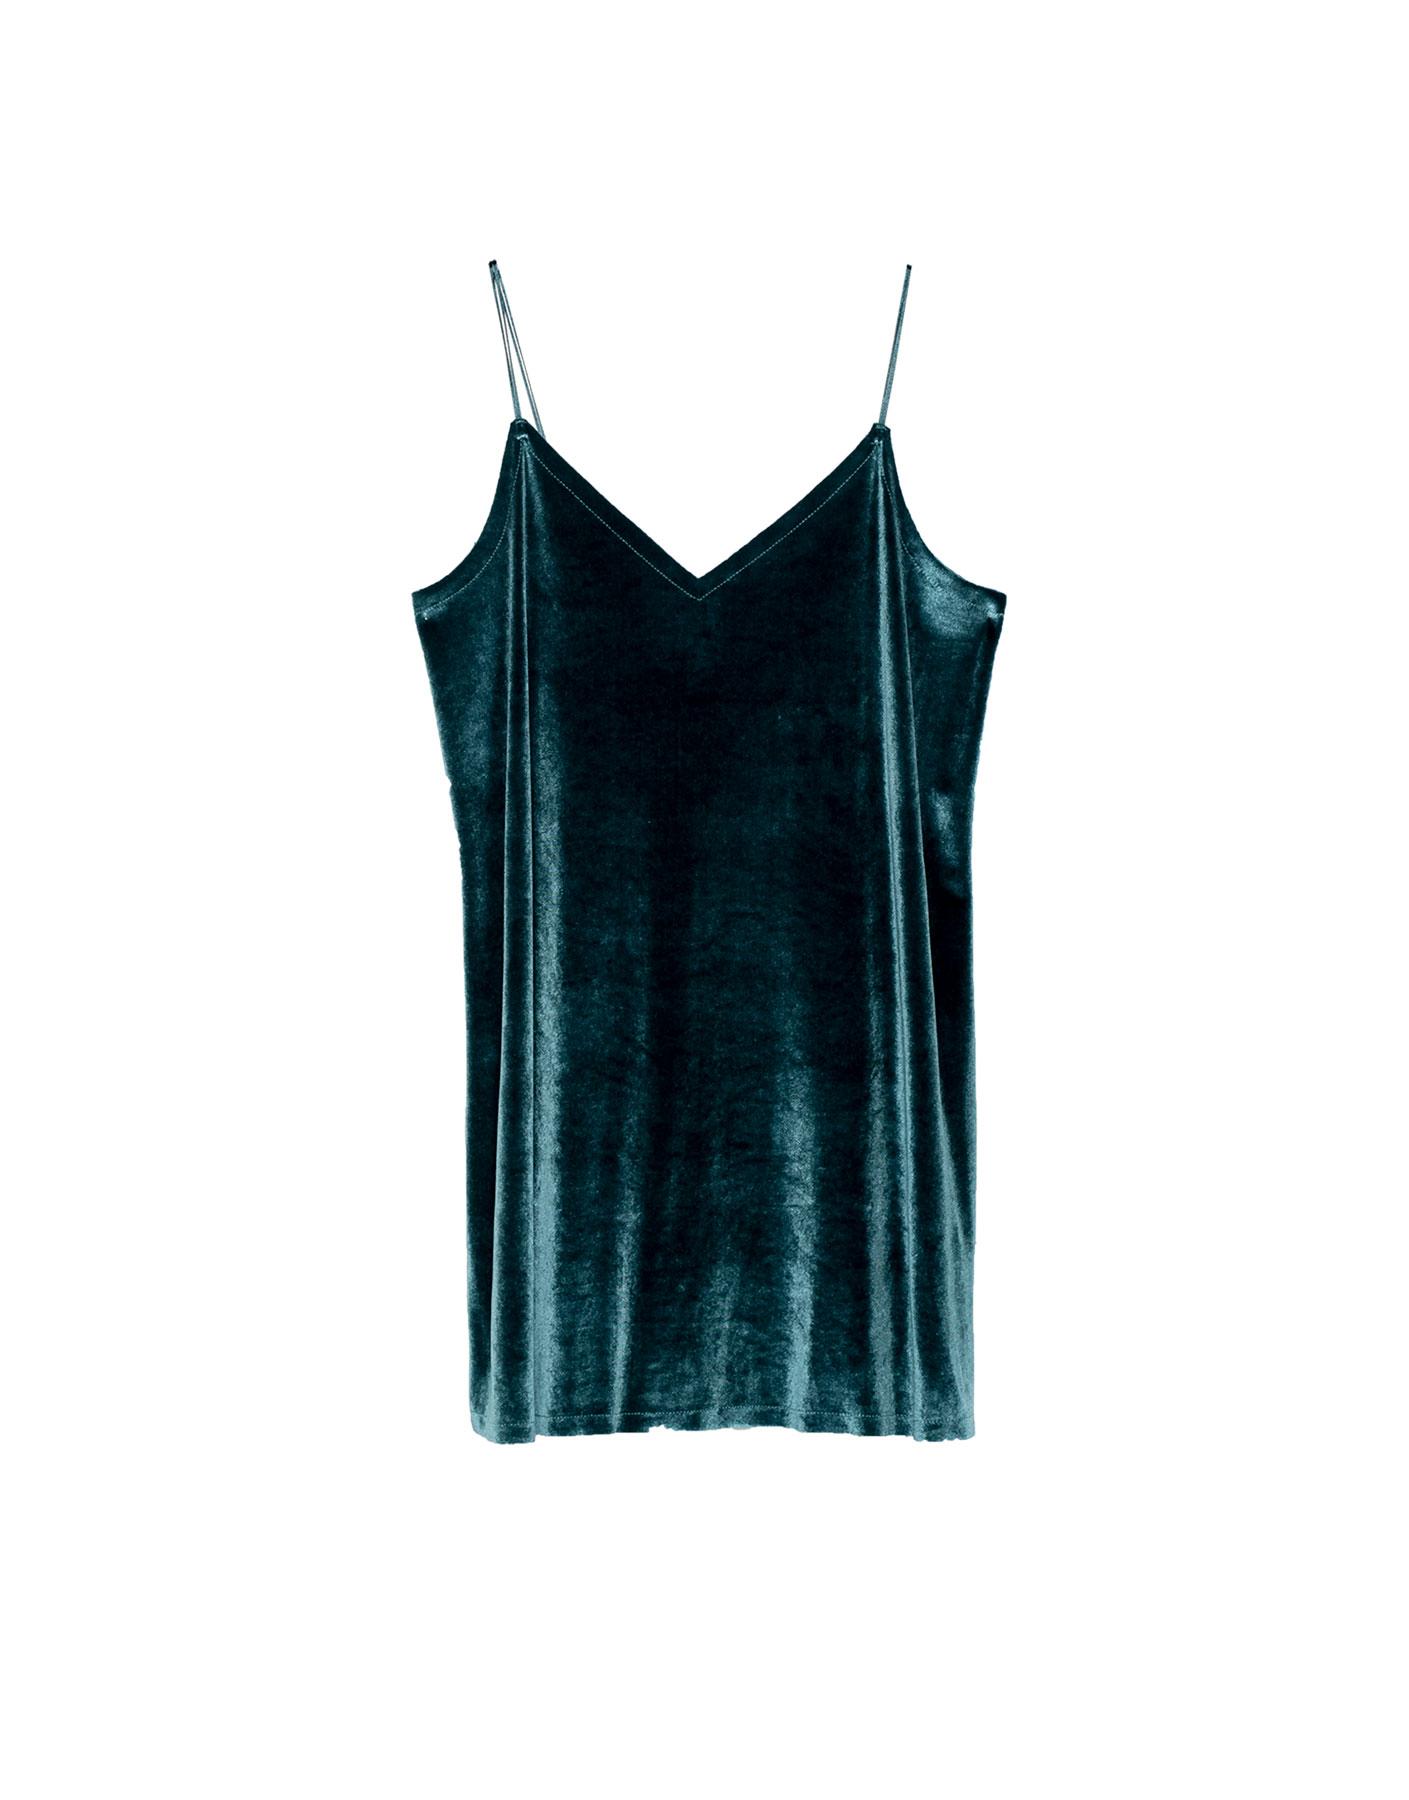 Aksamitna sukienka na cienkich ramiączkach Pull & Bear ZIEL (KACZKI)